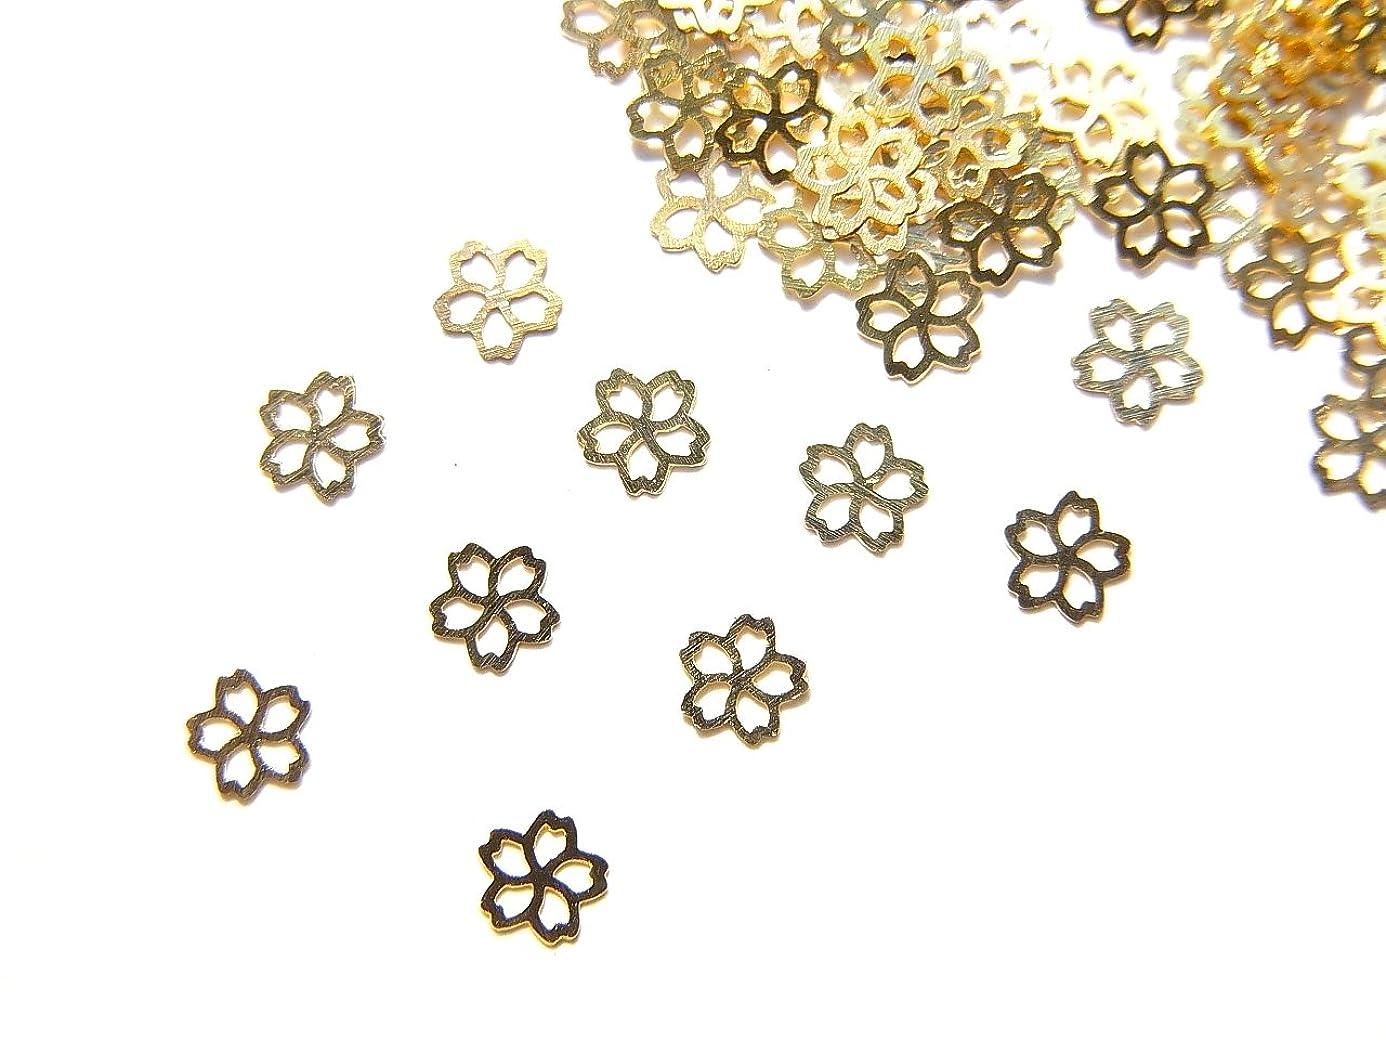 ボード使役異邦人【jewel】ug27 春ネイル 薄型ゴールド メタルパーツ Sサイズ 桜 サクラB 10個入り ネイルアートパーツ レジンパーツ